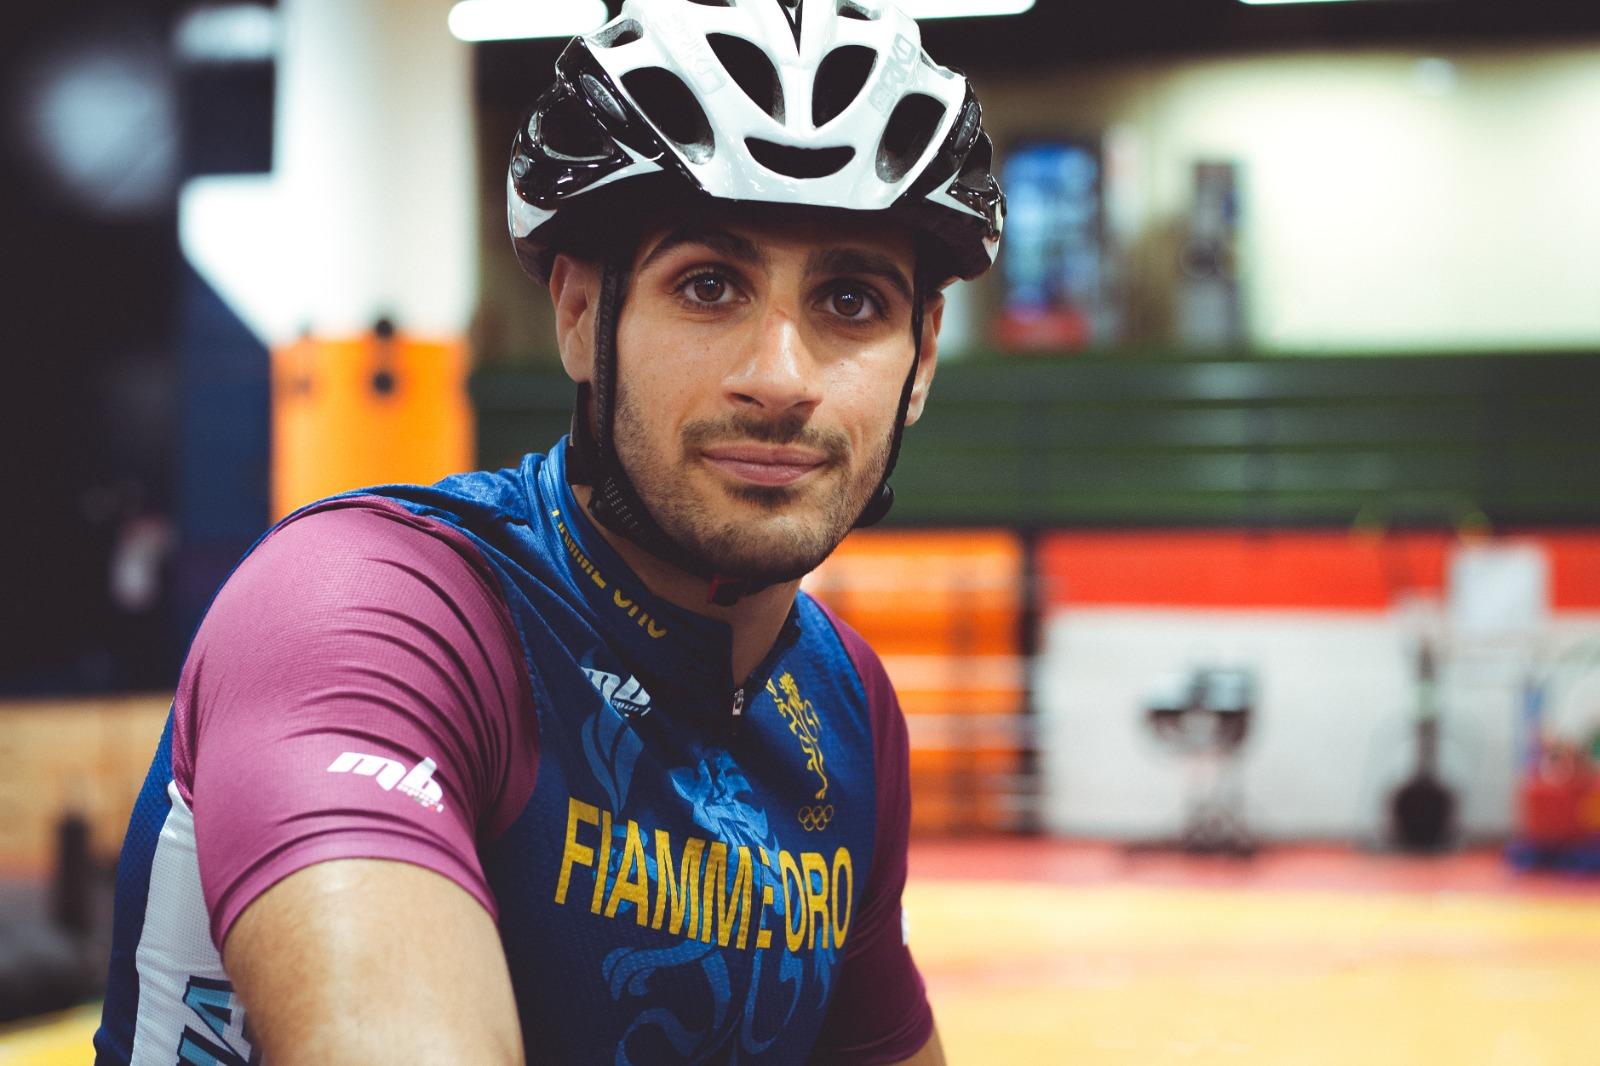 """Sport e beneficenza, Ciro Russo e la 'pedalata' per l'Airc: """"Una sfida per la vita"""" L'azzurro di lotta greco-romana ha percorso 1000 km in 10 giorni"""